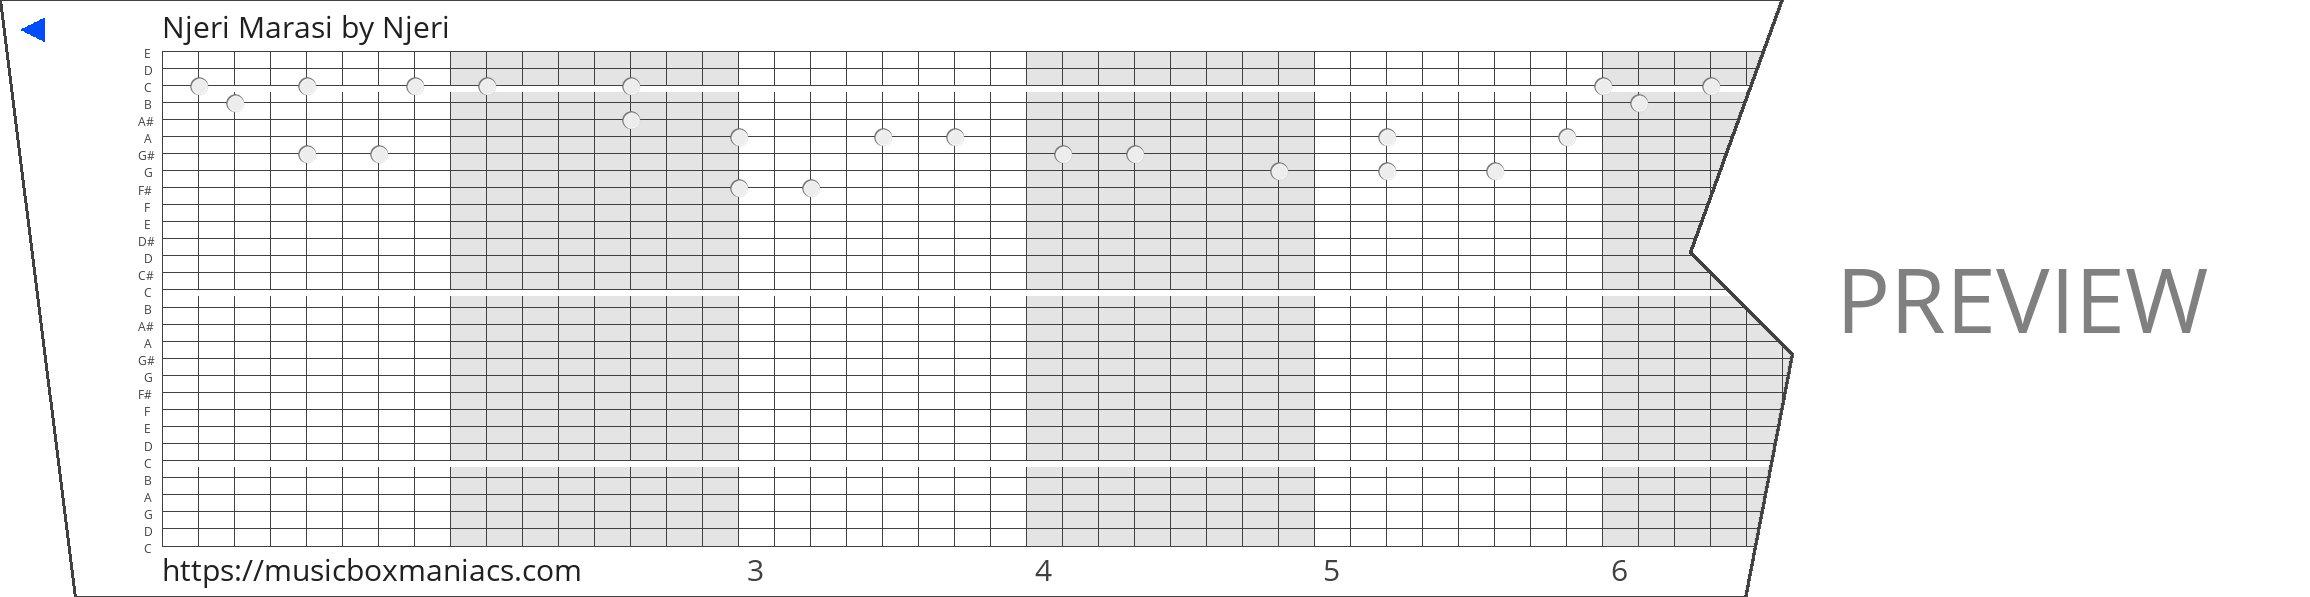 Njeri Marasi 30 note music box paper strip